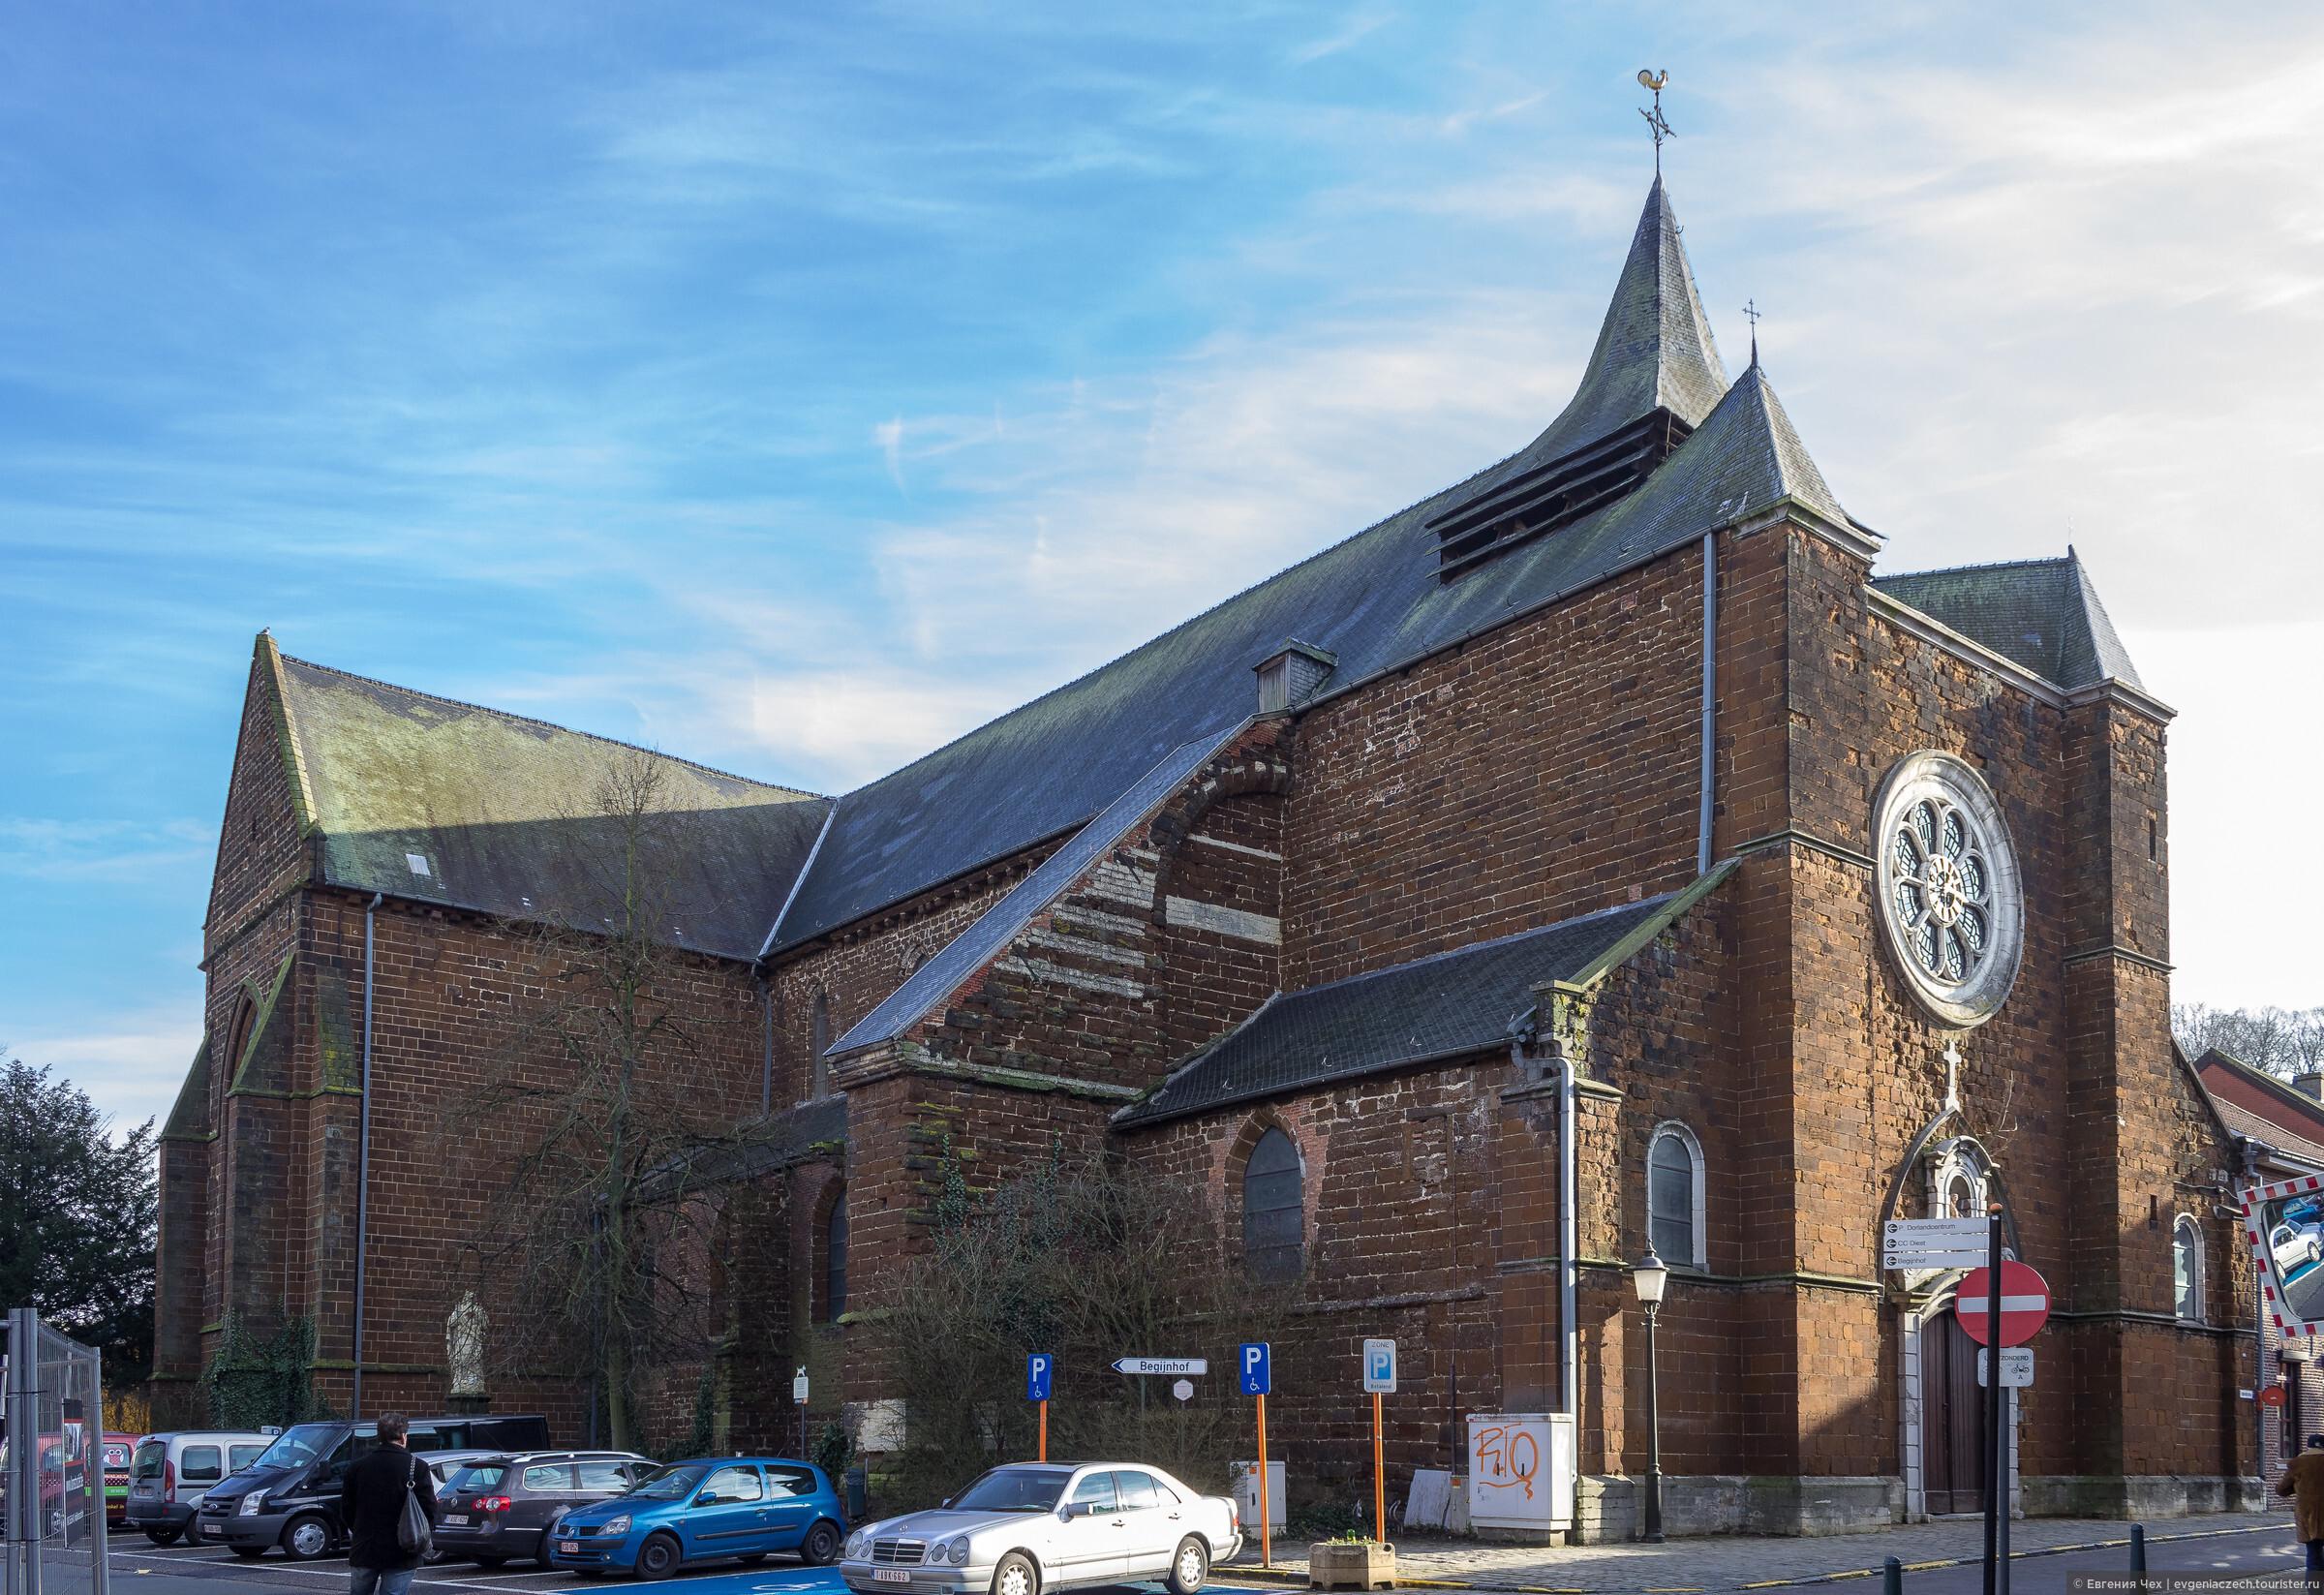 Церковь святой Девы Марии (Onze-Lieve-Vrouwekerk) находится на улице Schaffensestraat. Церковь строилась с 1253 по1288 год. , Дист, резиденция дома Оранских